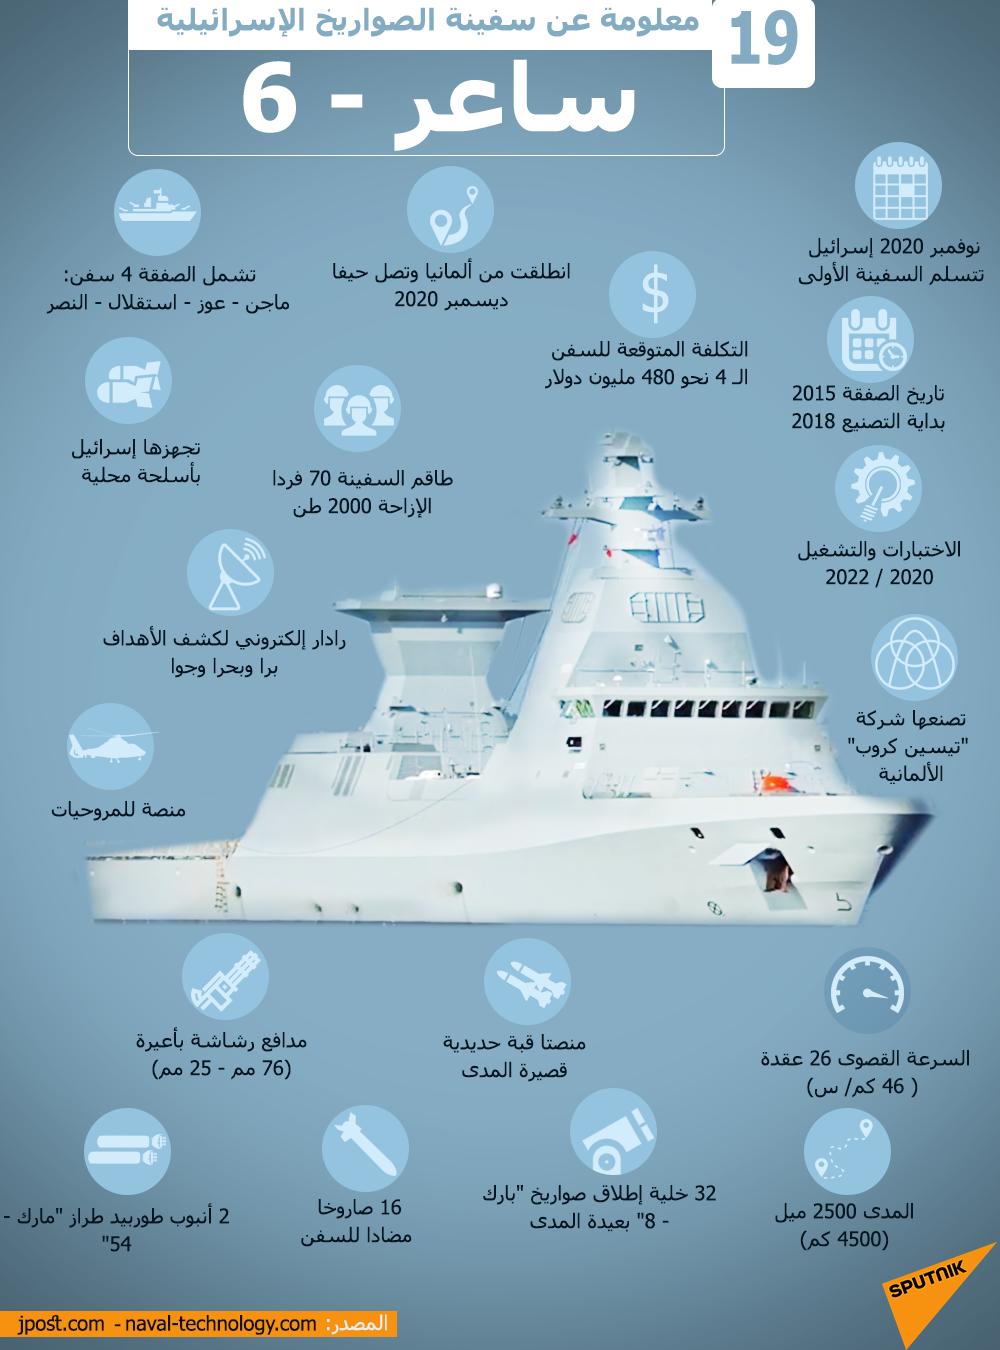 19 معلومة عن سفينة الصواريخ الإسرائيلية ساعر - 6